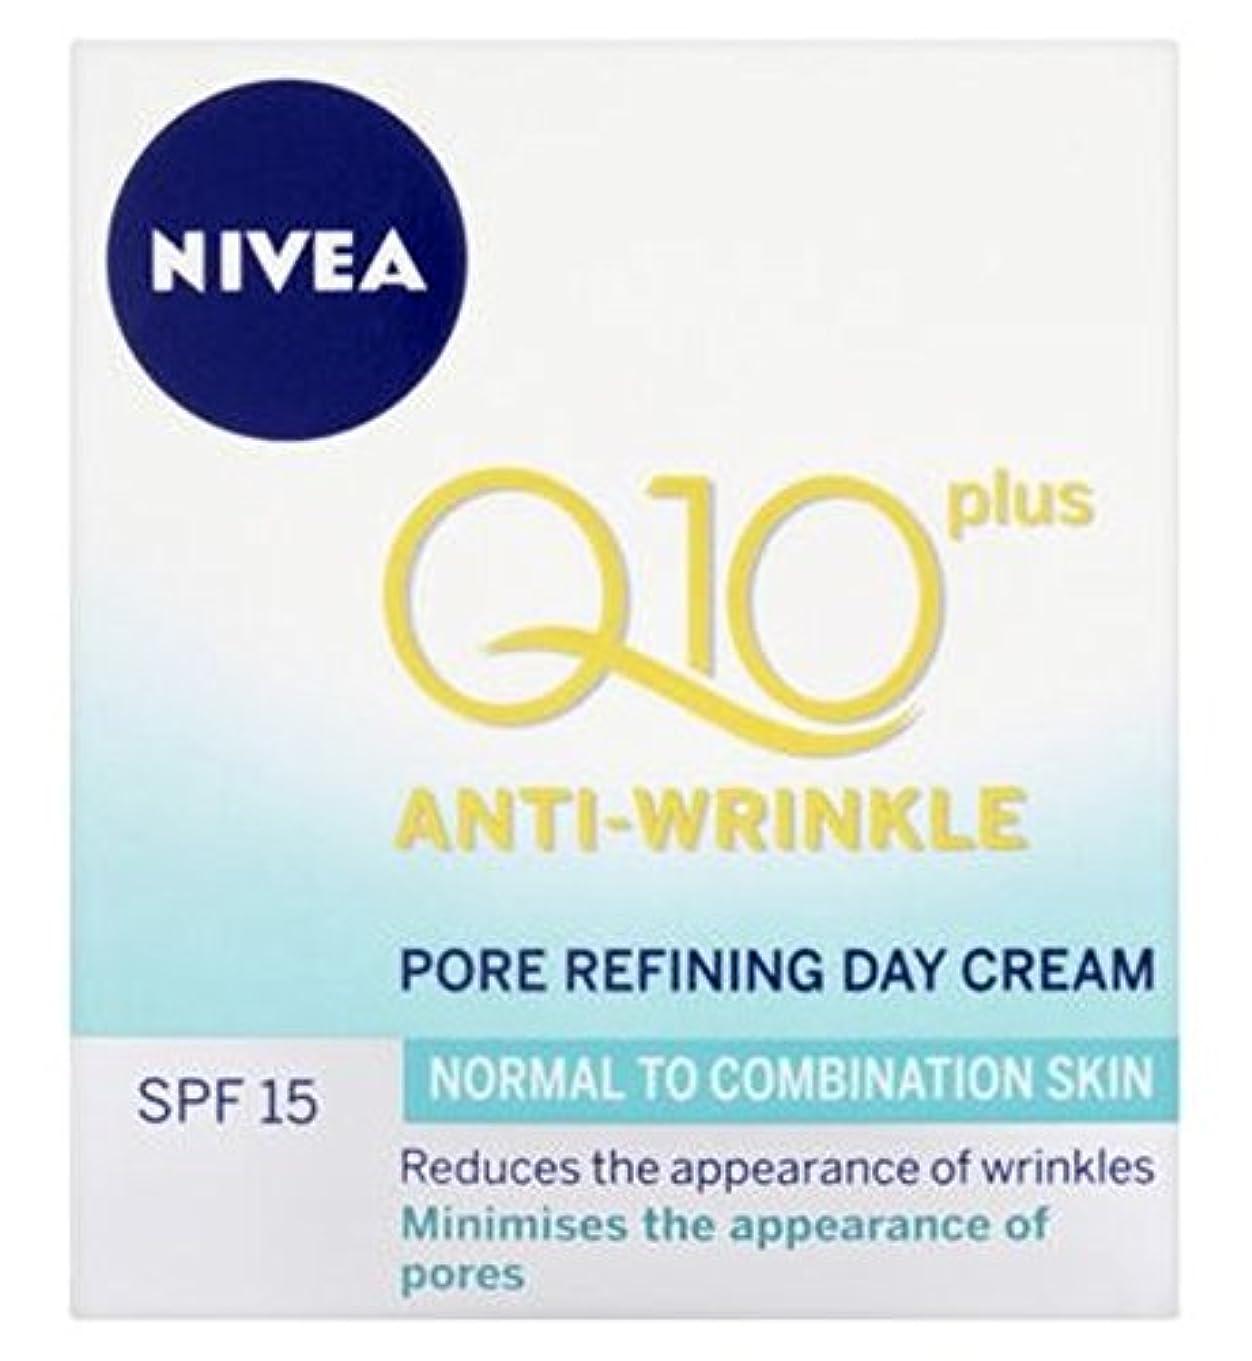 探すヘルシー名前を作るNivea Daily Essentials Q10 Plus Anti-Wrinkle Pore Refining Day Cream For Normal to Combination Skin SPF15 50ml - 混合肌のSpf15の50ミリリットルに、通常のためのニベア生活必需品のQ10プラス抗しわポアリファイニングデイクリーム (Nivea) [並行輸入品]